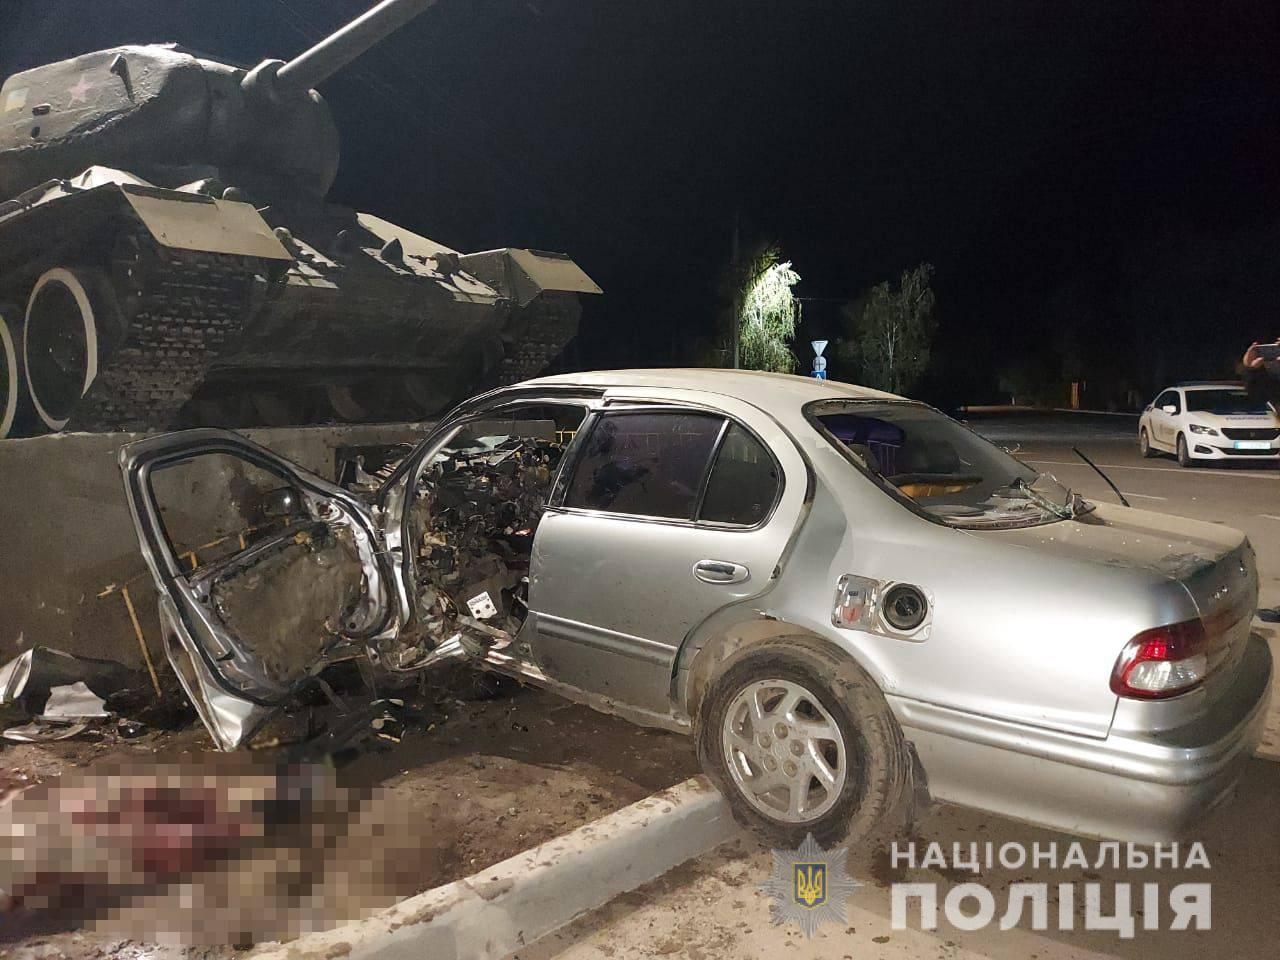 В Одессе водитель протаранил танк и погиб 3